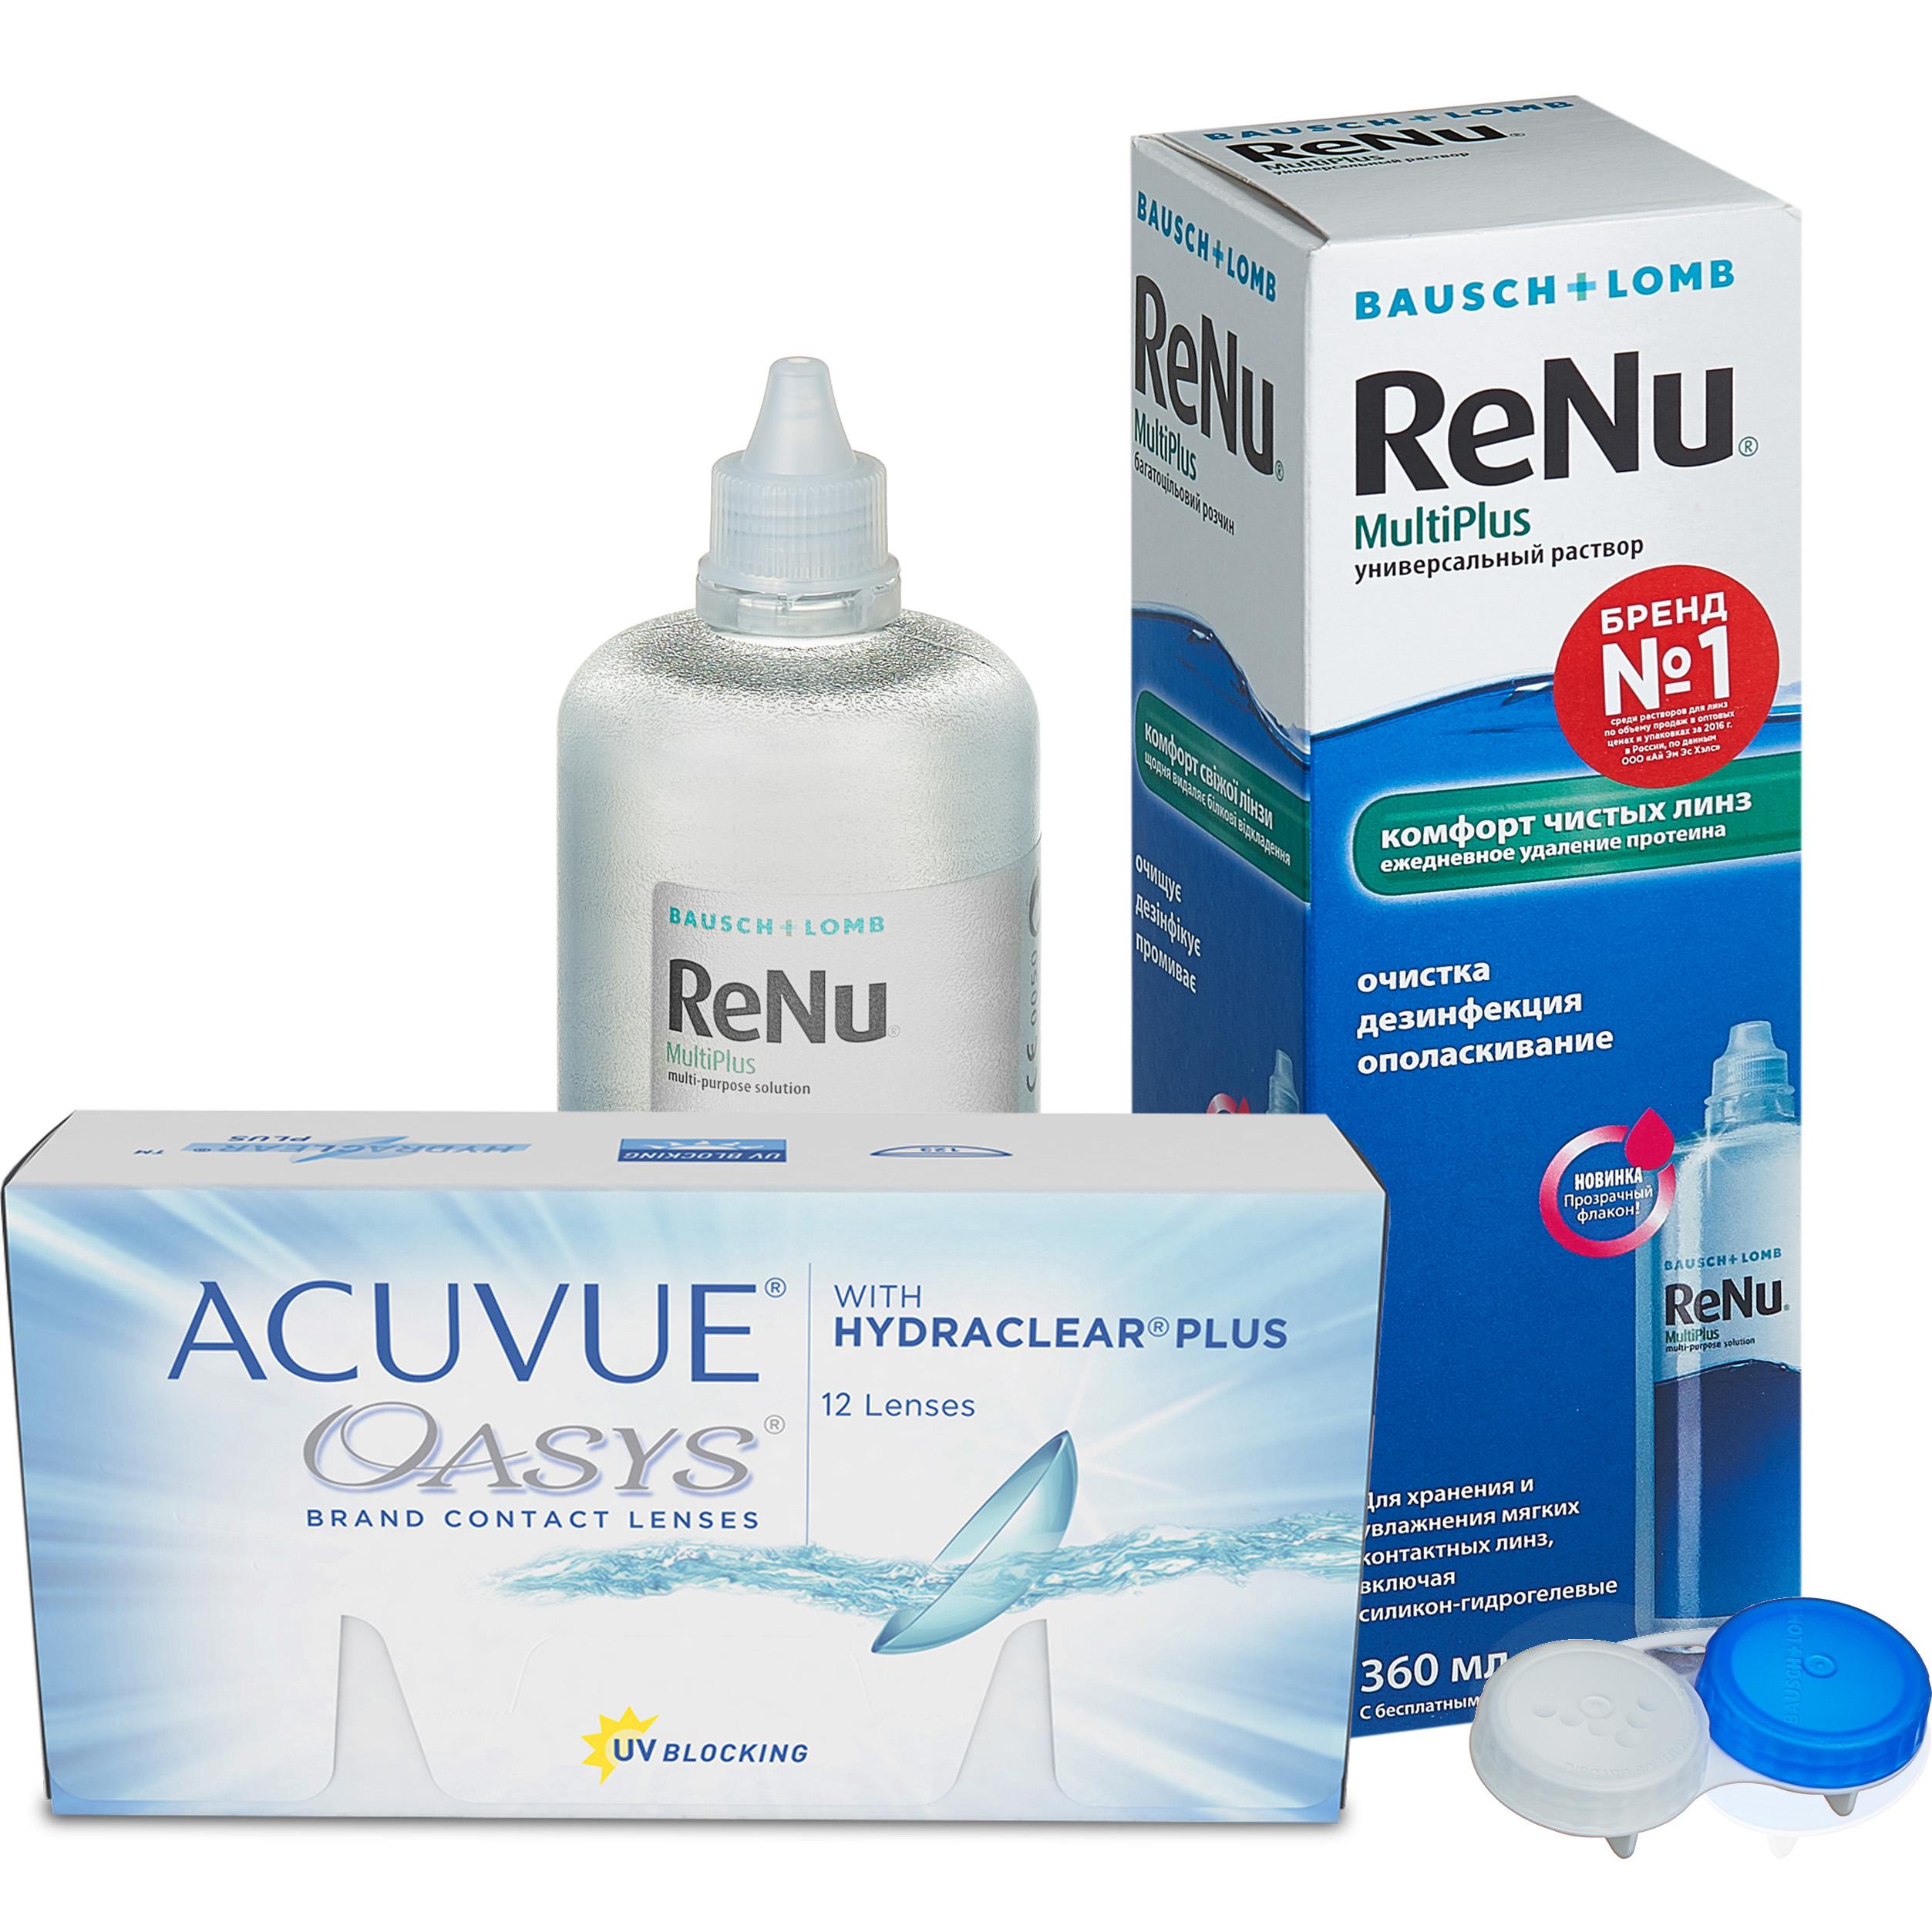 Купить Oasys with Hydraclear Plus 12 линз + ReNu MultiPlus, Линзы Acuvue Oasys with Hydraclear Plus 12 линз R 8.4 -4, 25 + ReNu Multi Plus 360 мл